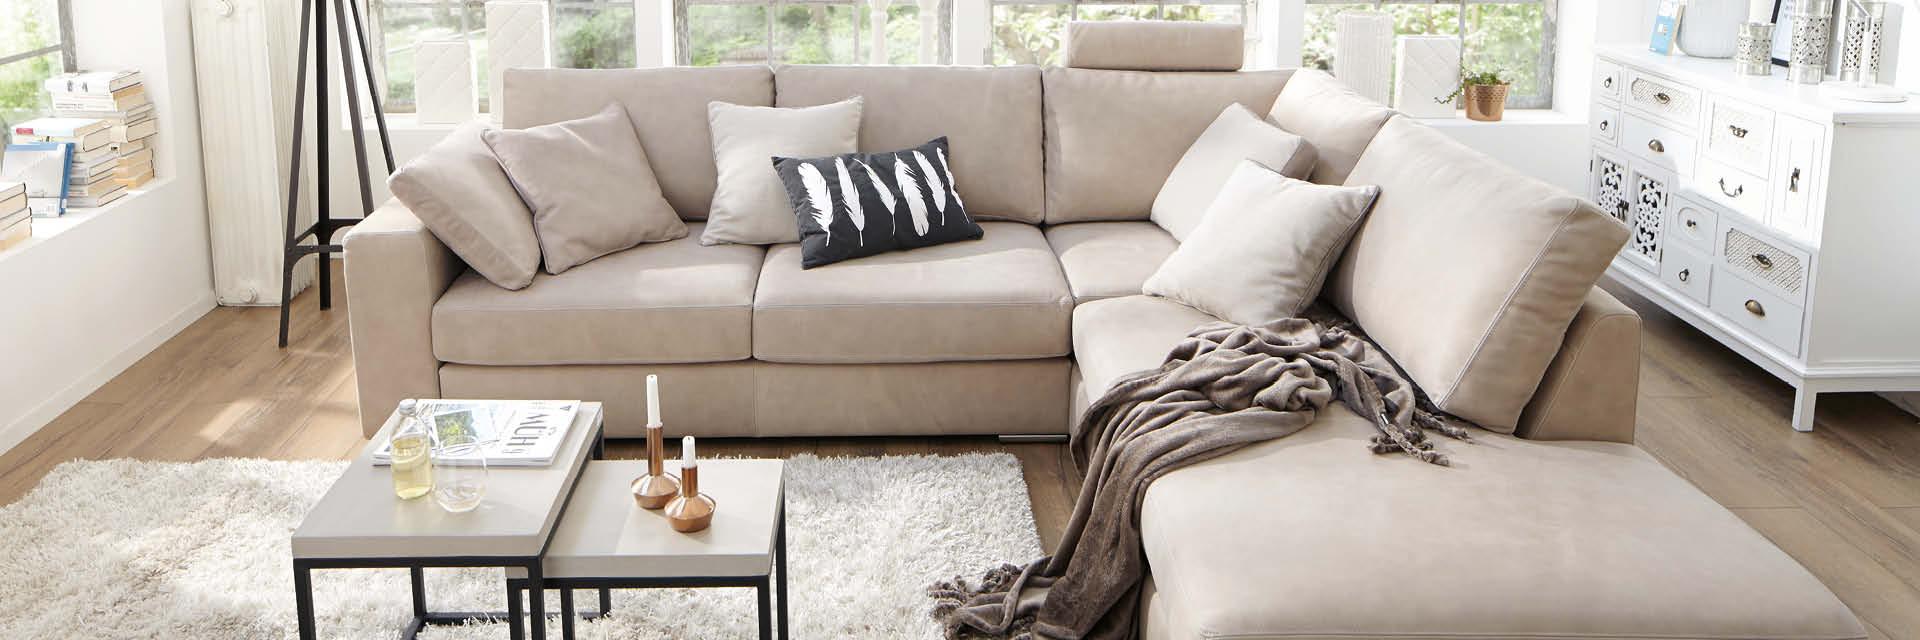 Drum Prufe Wer Sich Ewig Bindet Tipps Zum Sofa Kauf Was